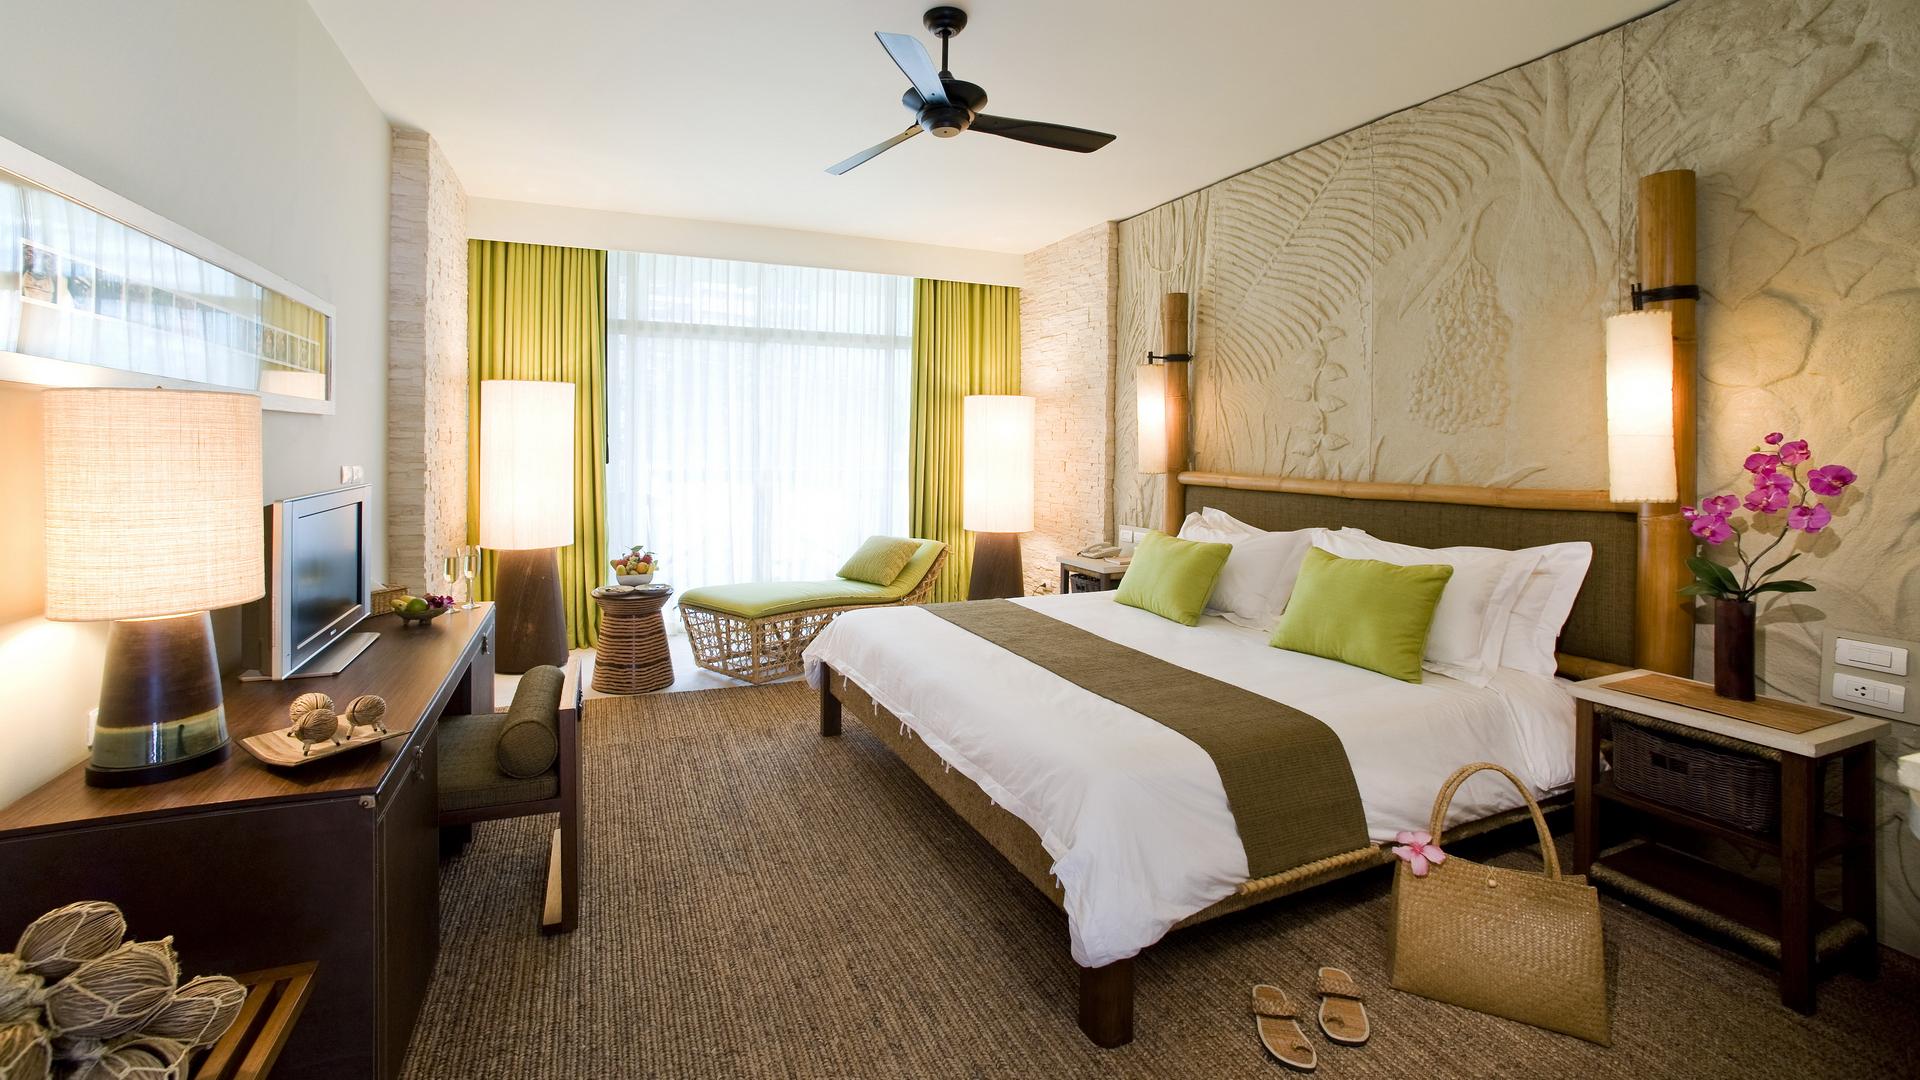 Уютная спальня в экзотическом стиле